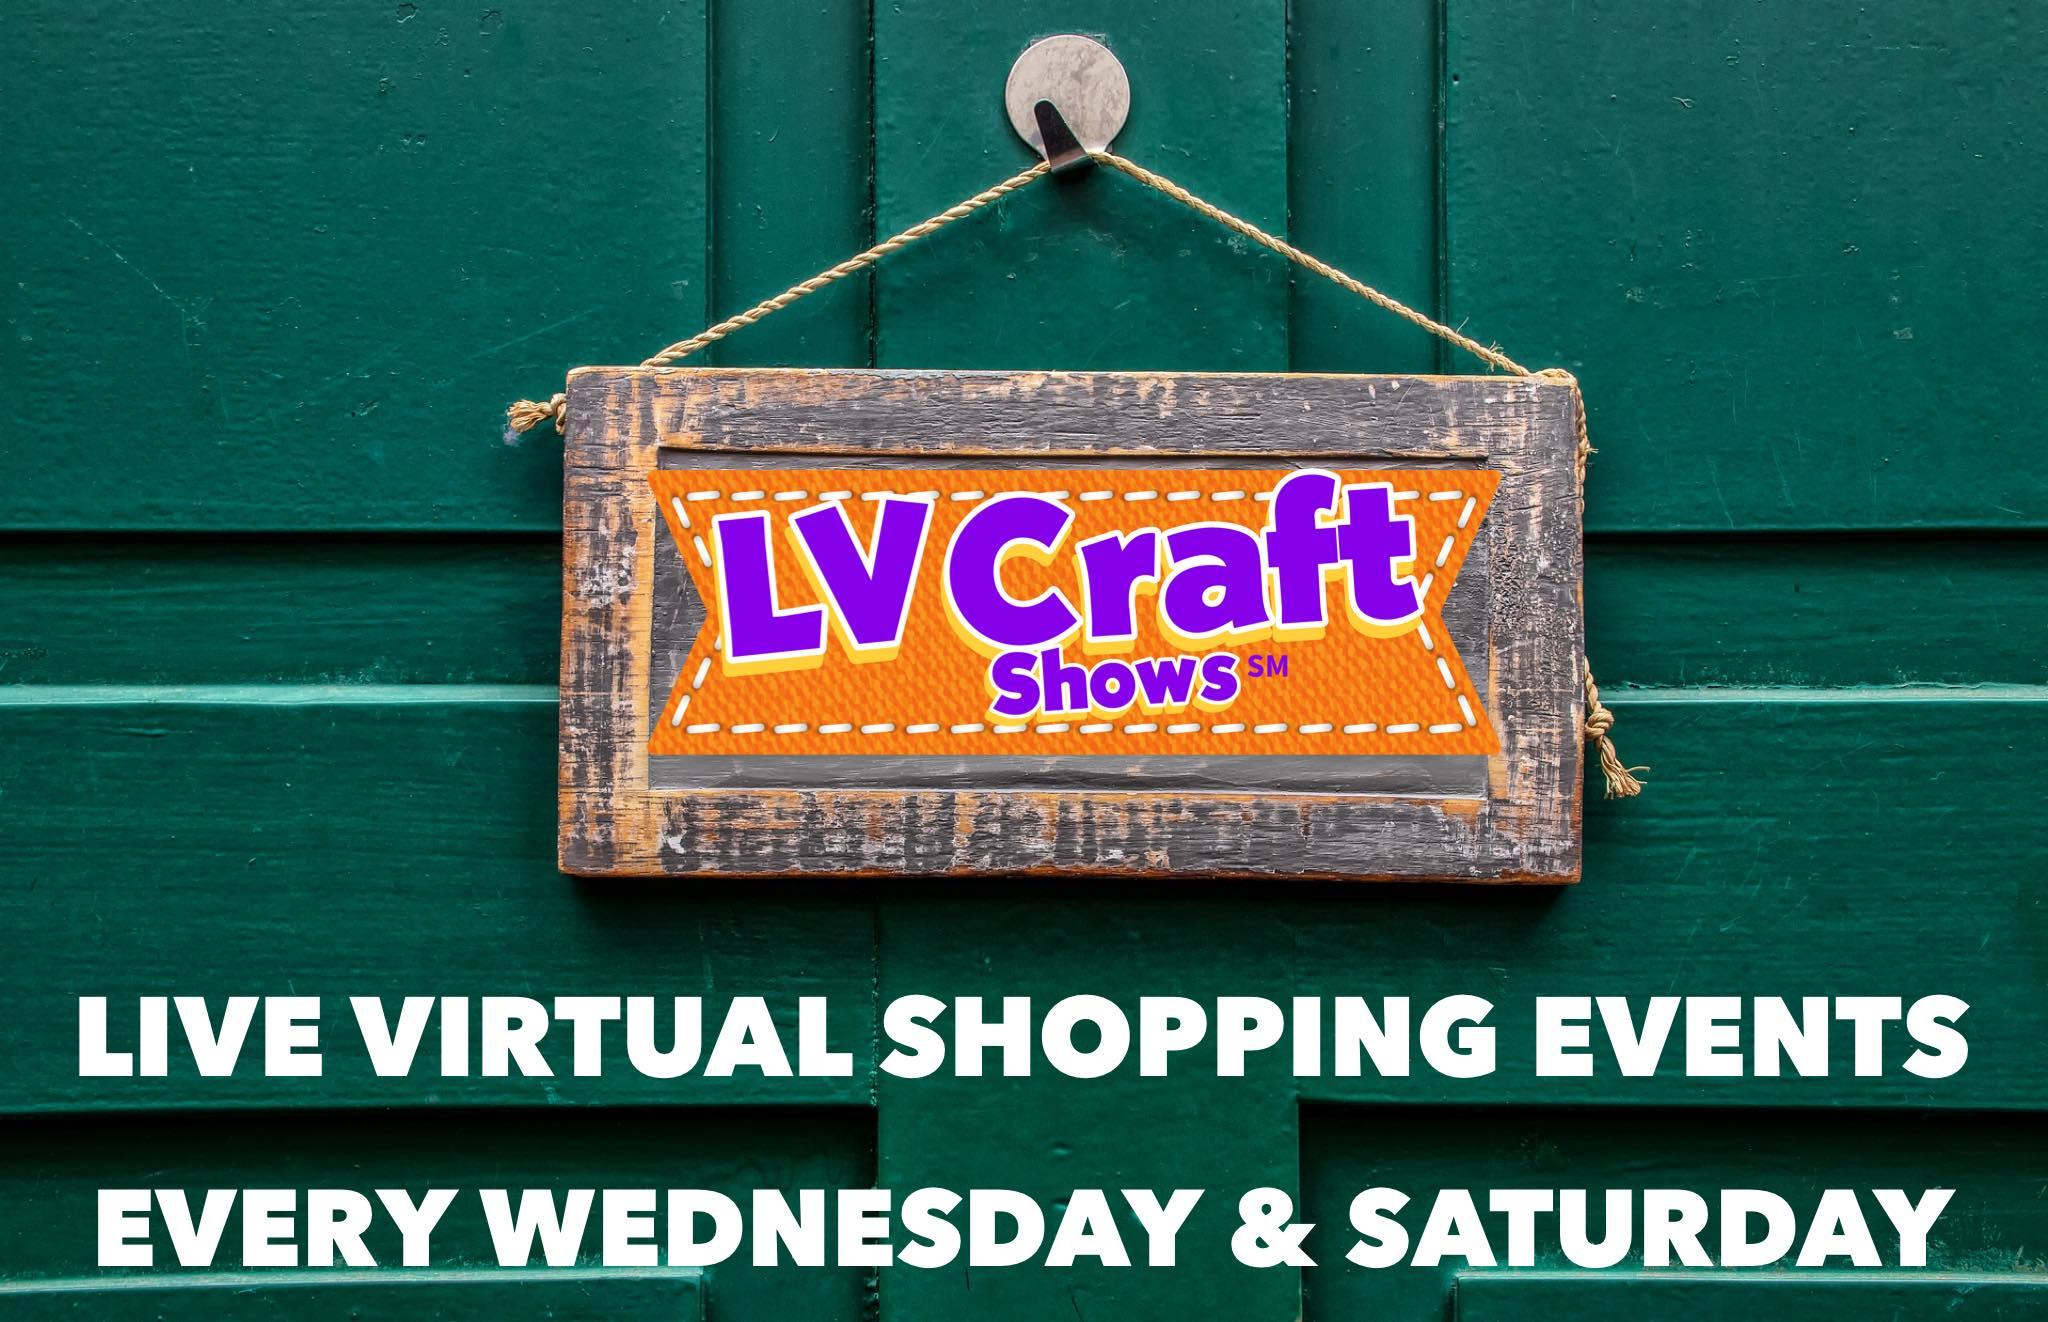 lv craft shows